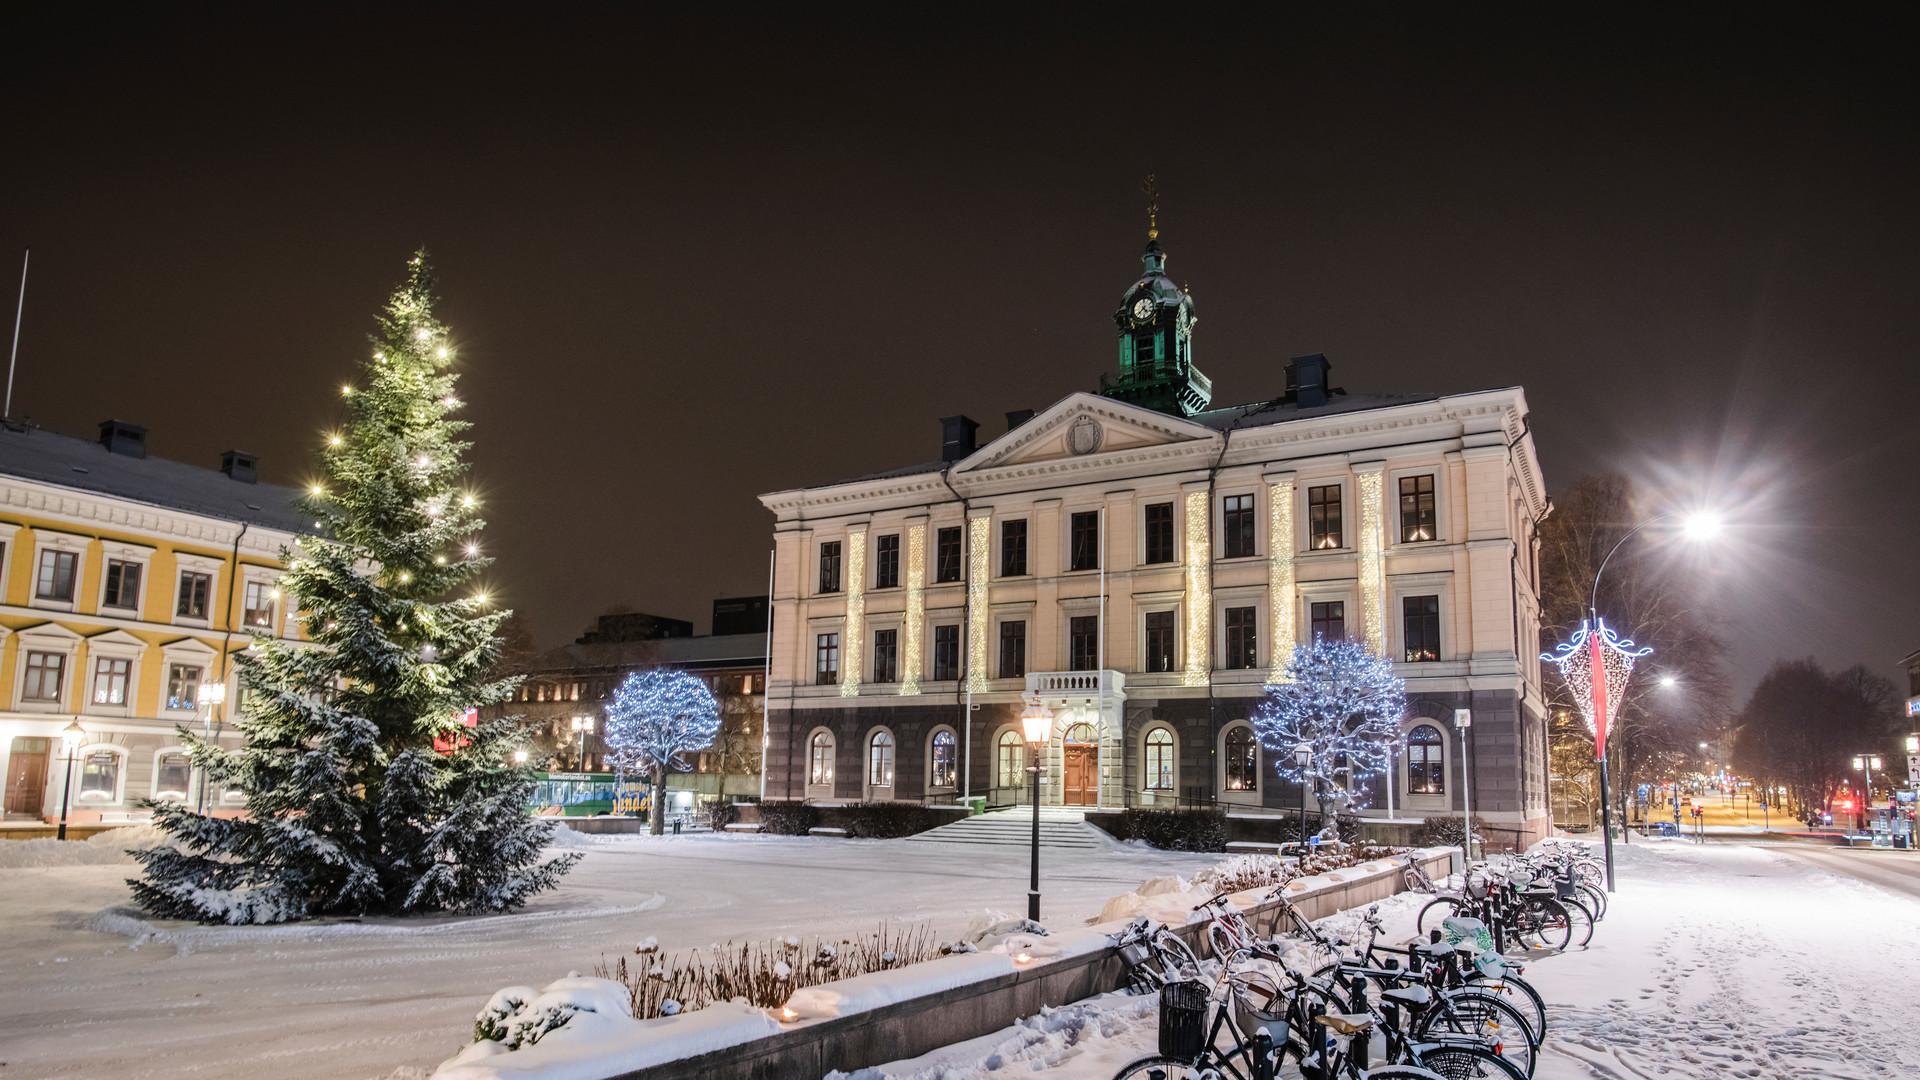 Rådhuset vintertid med snö och en julgran